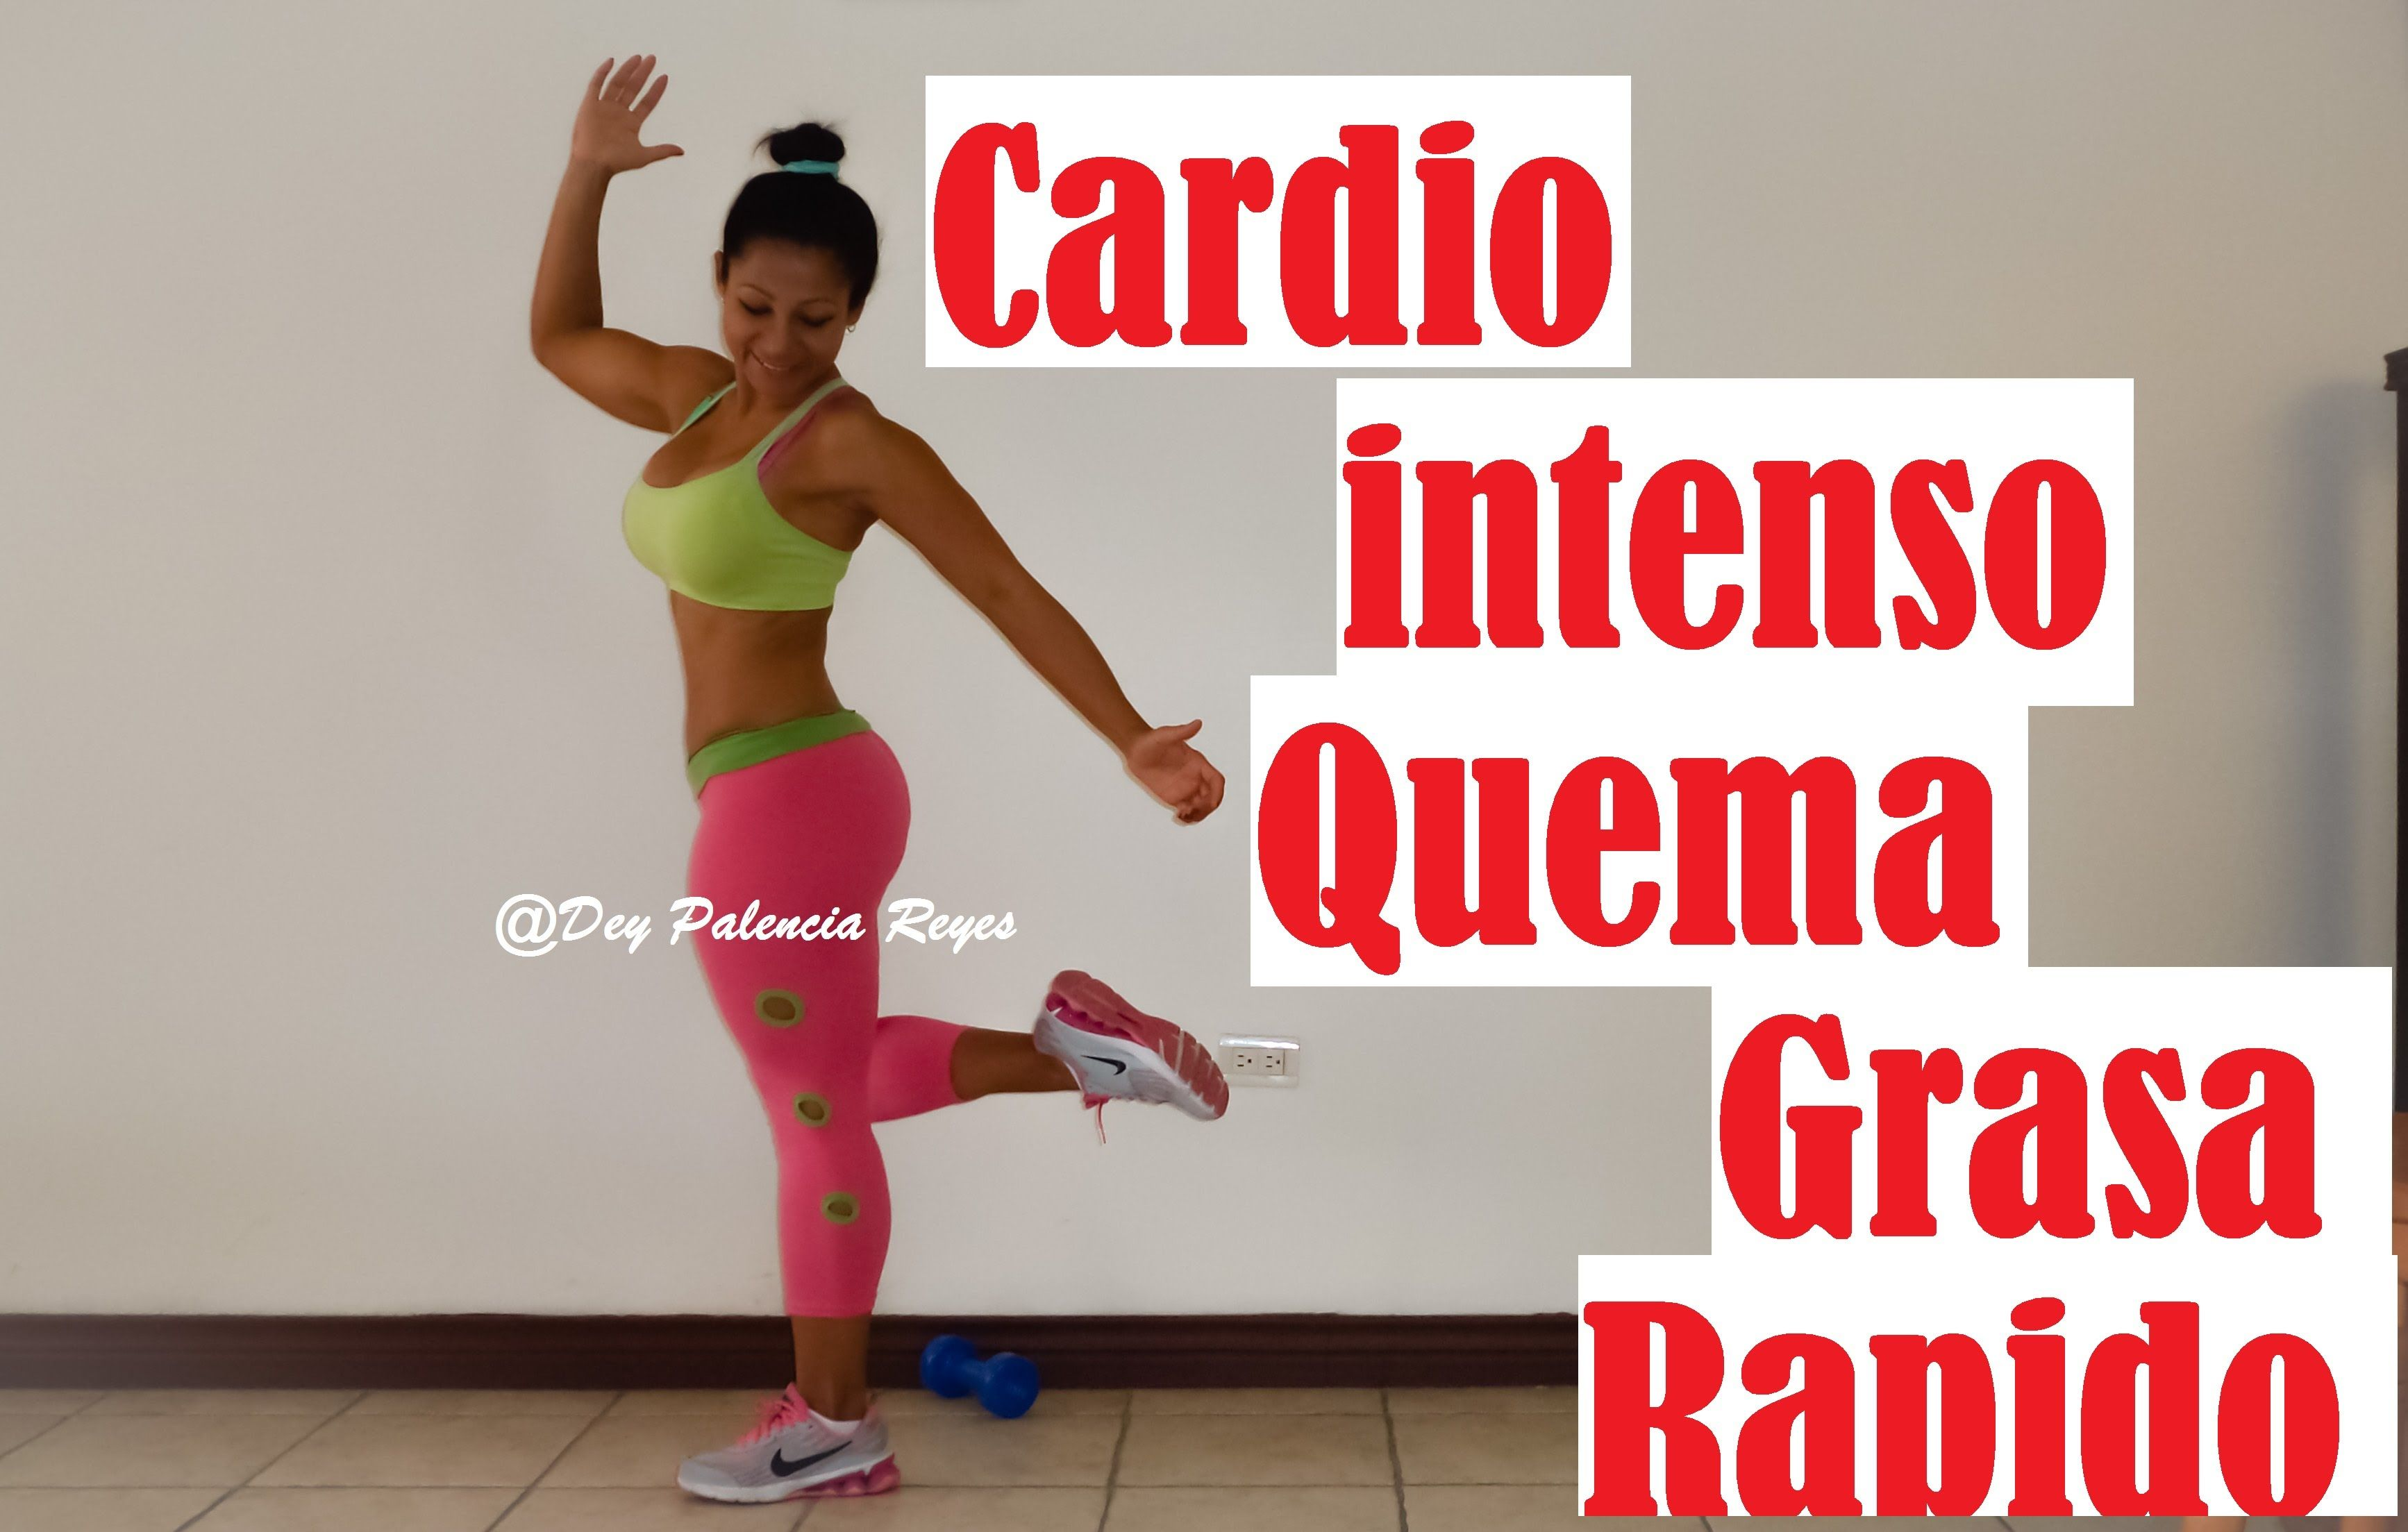 Cardio intenso 50 minutos para adelgazar rapido